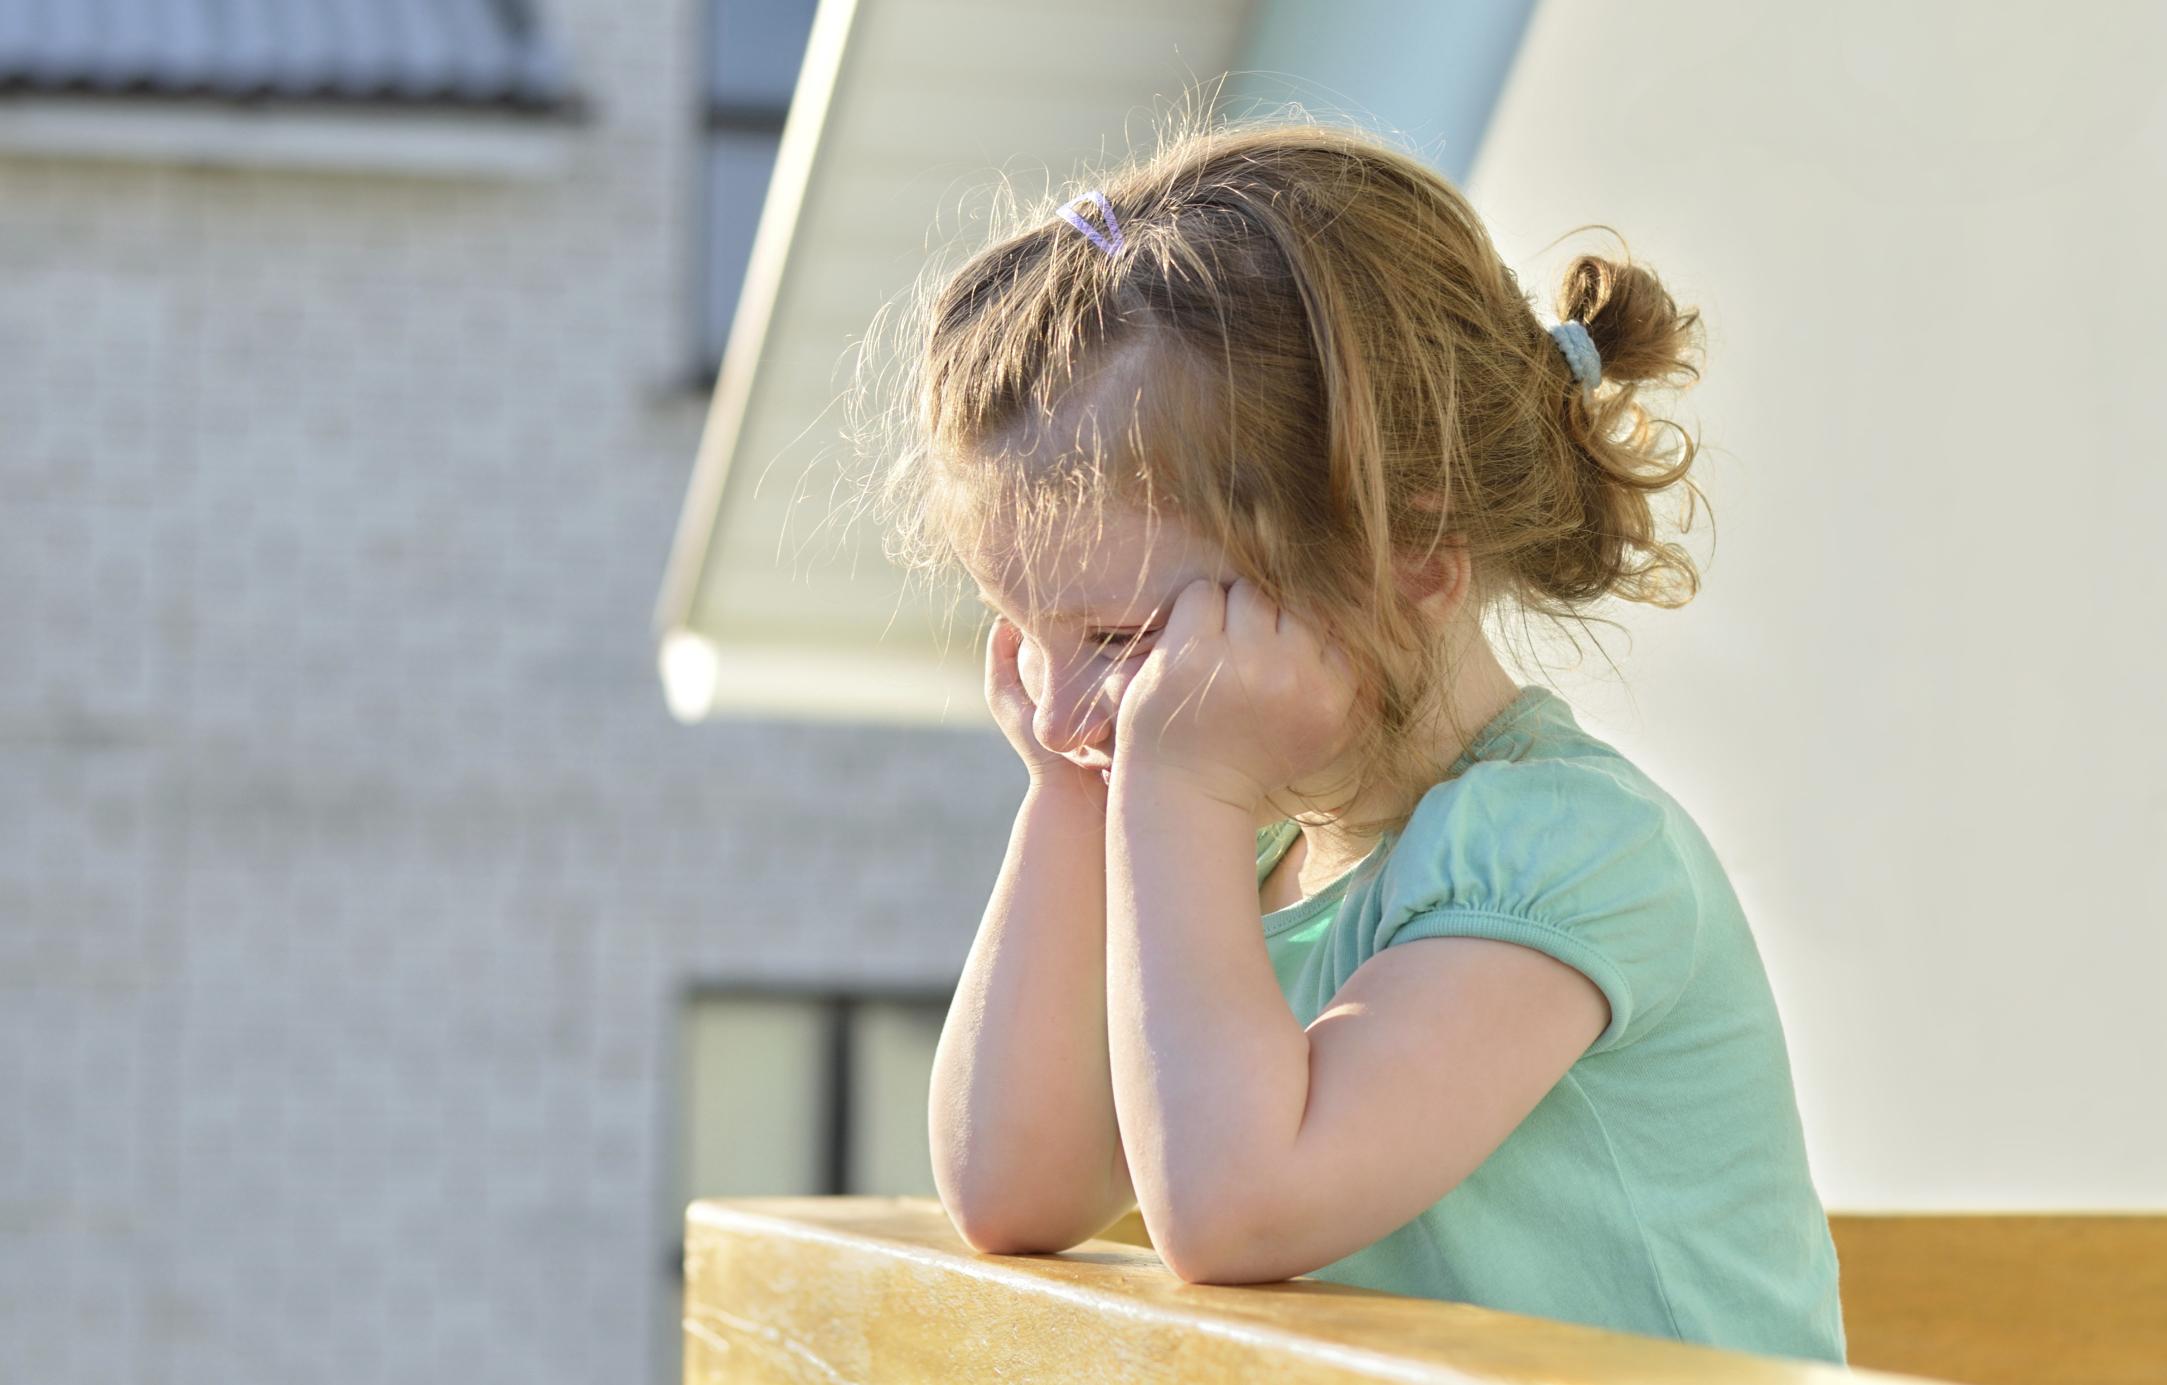 Parenting: Helping children through grief